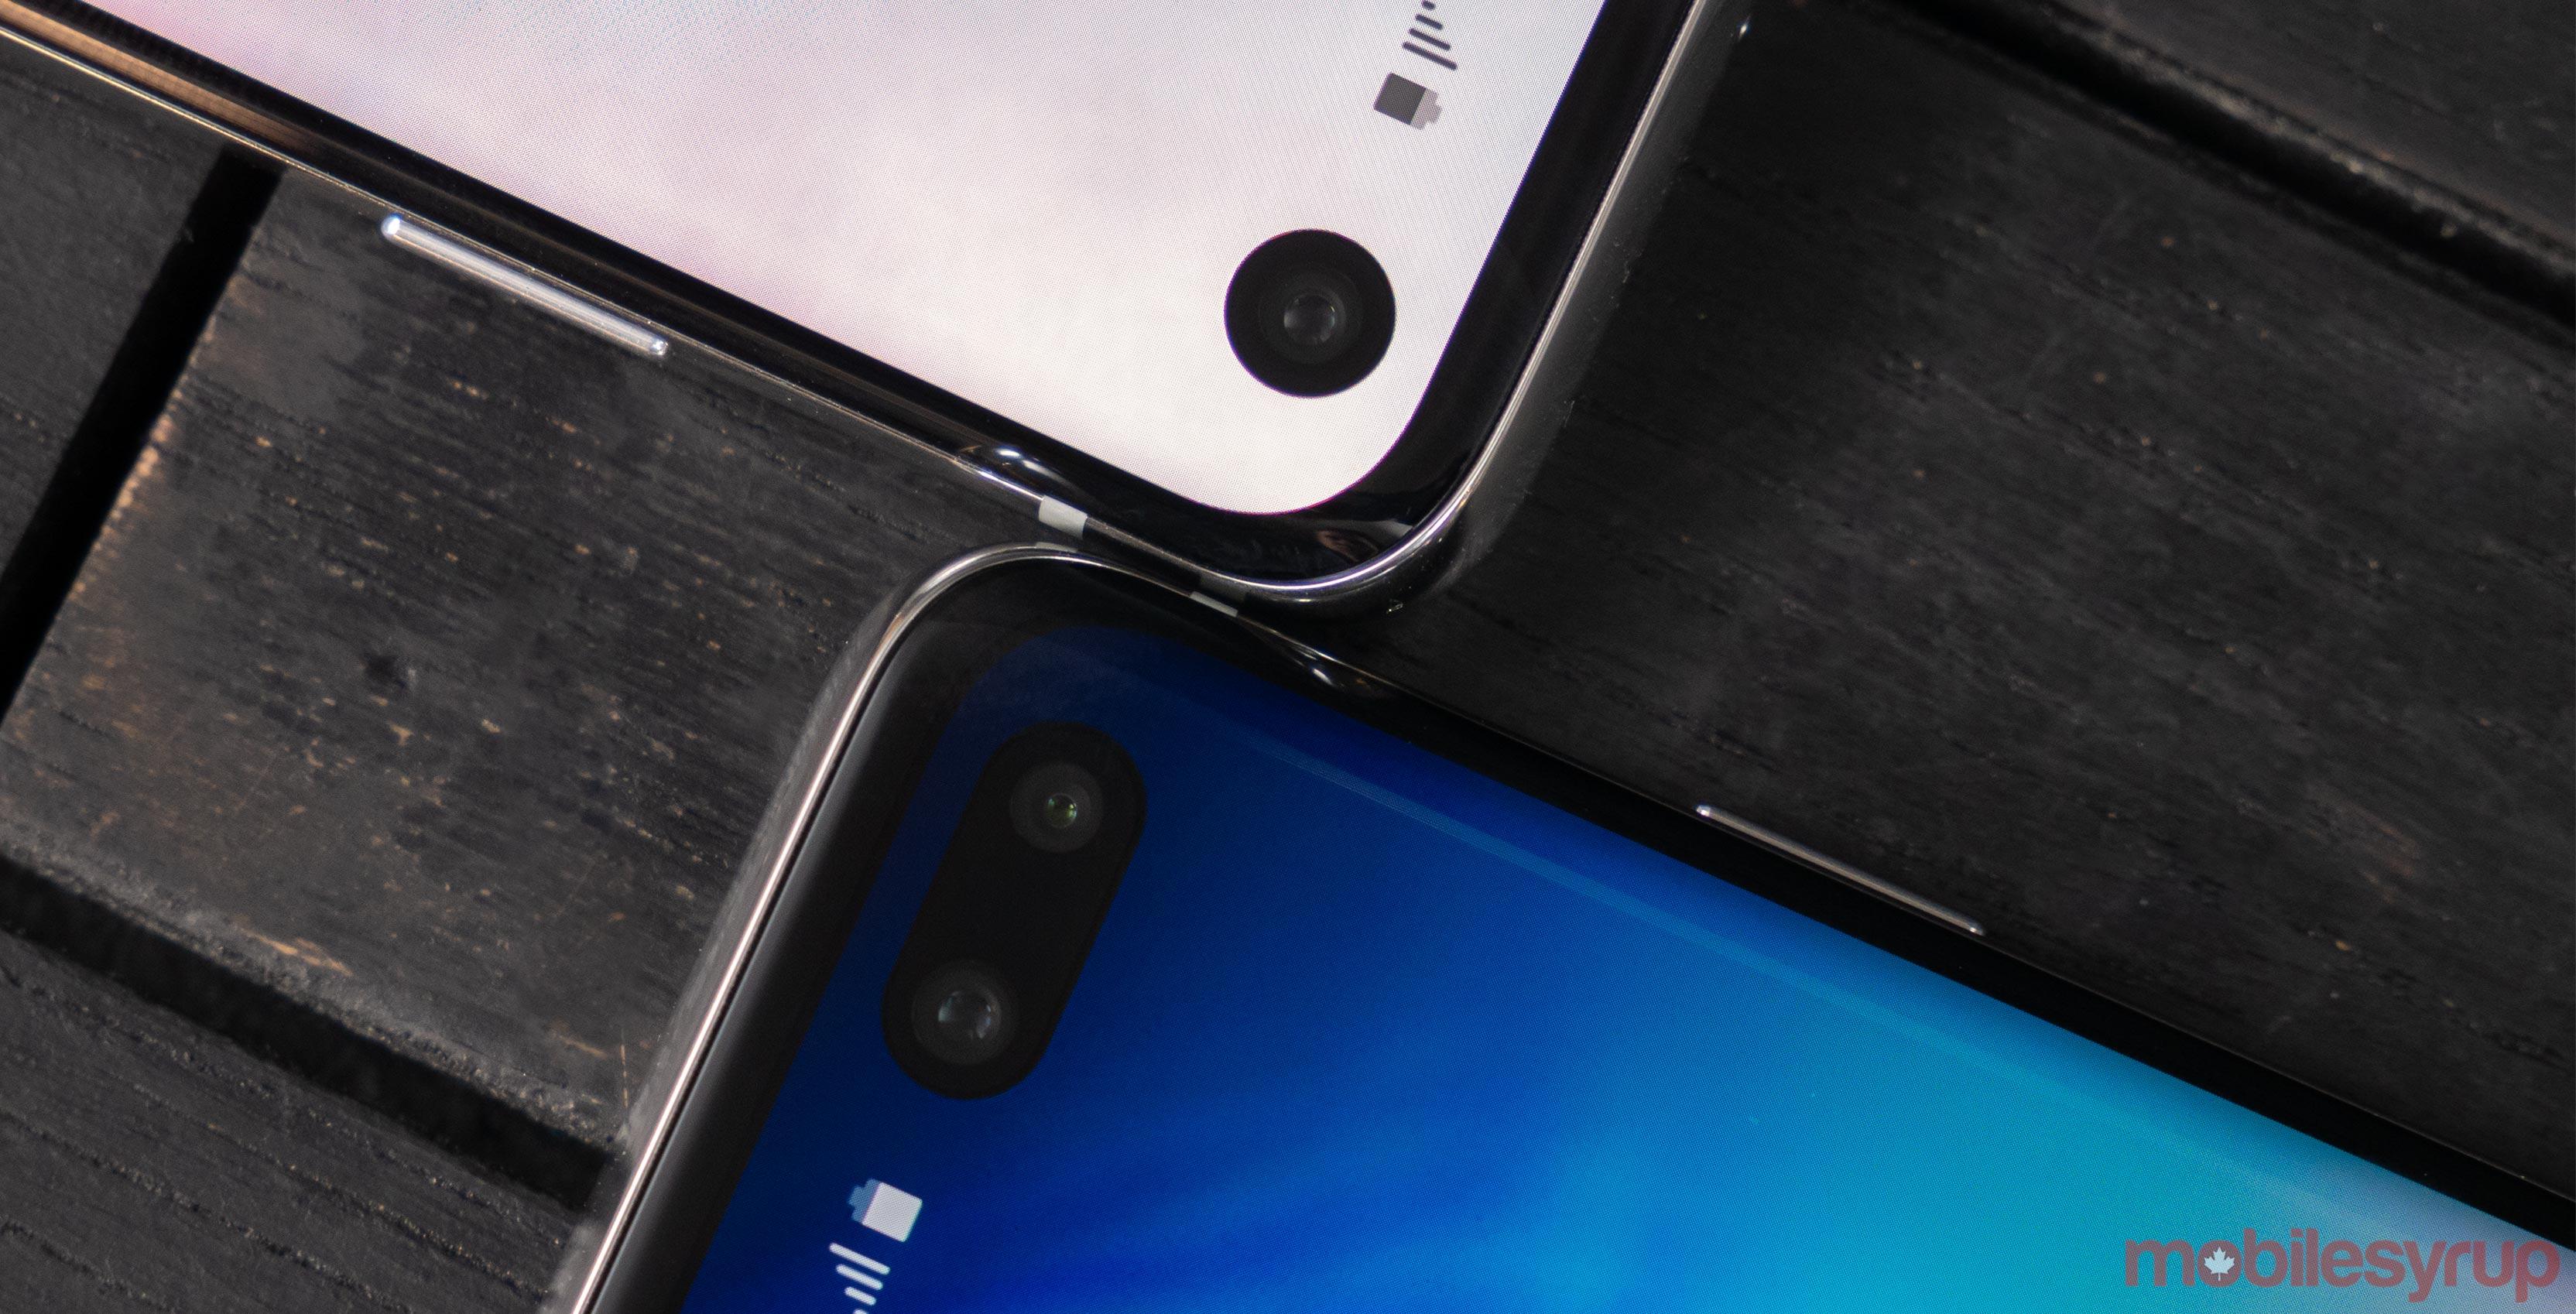 Samsung S10 Infinity-O display